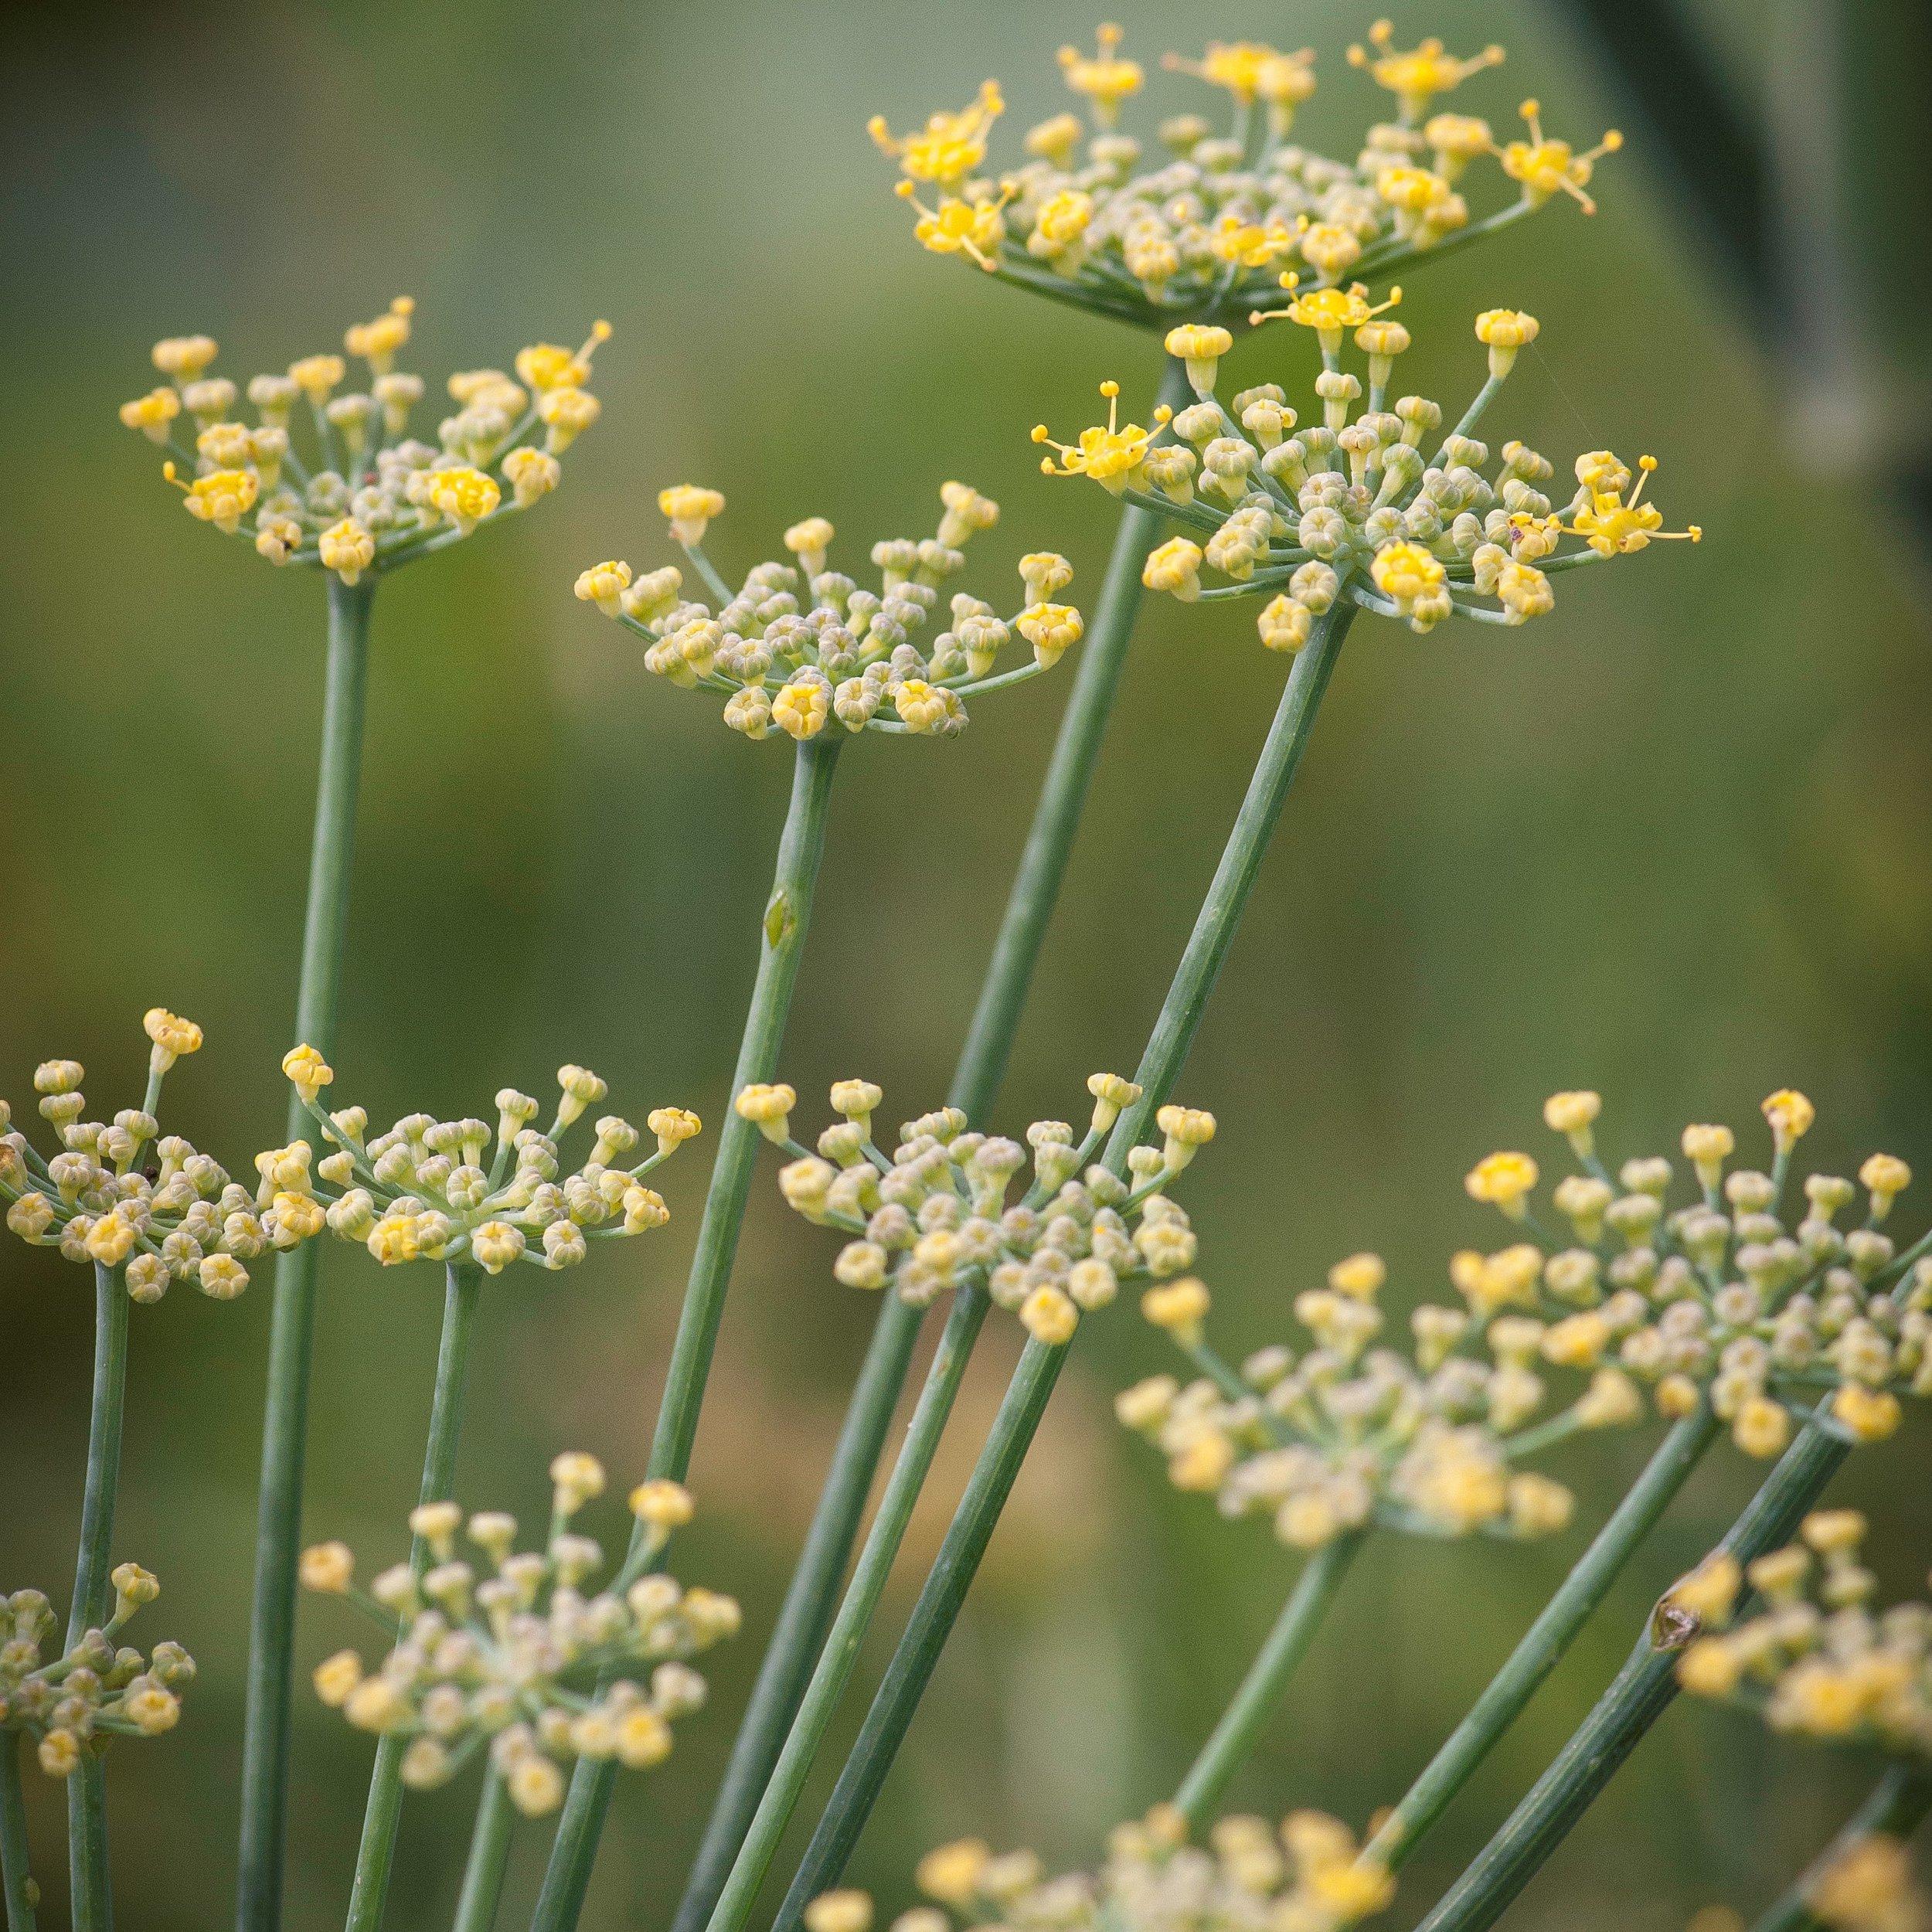 Ecological - garden ethic